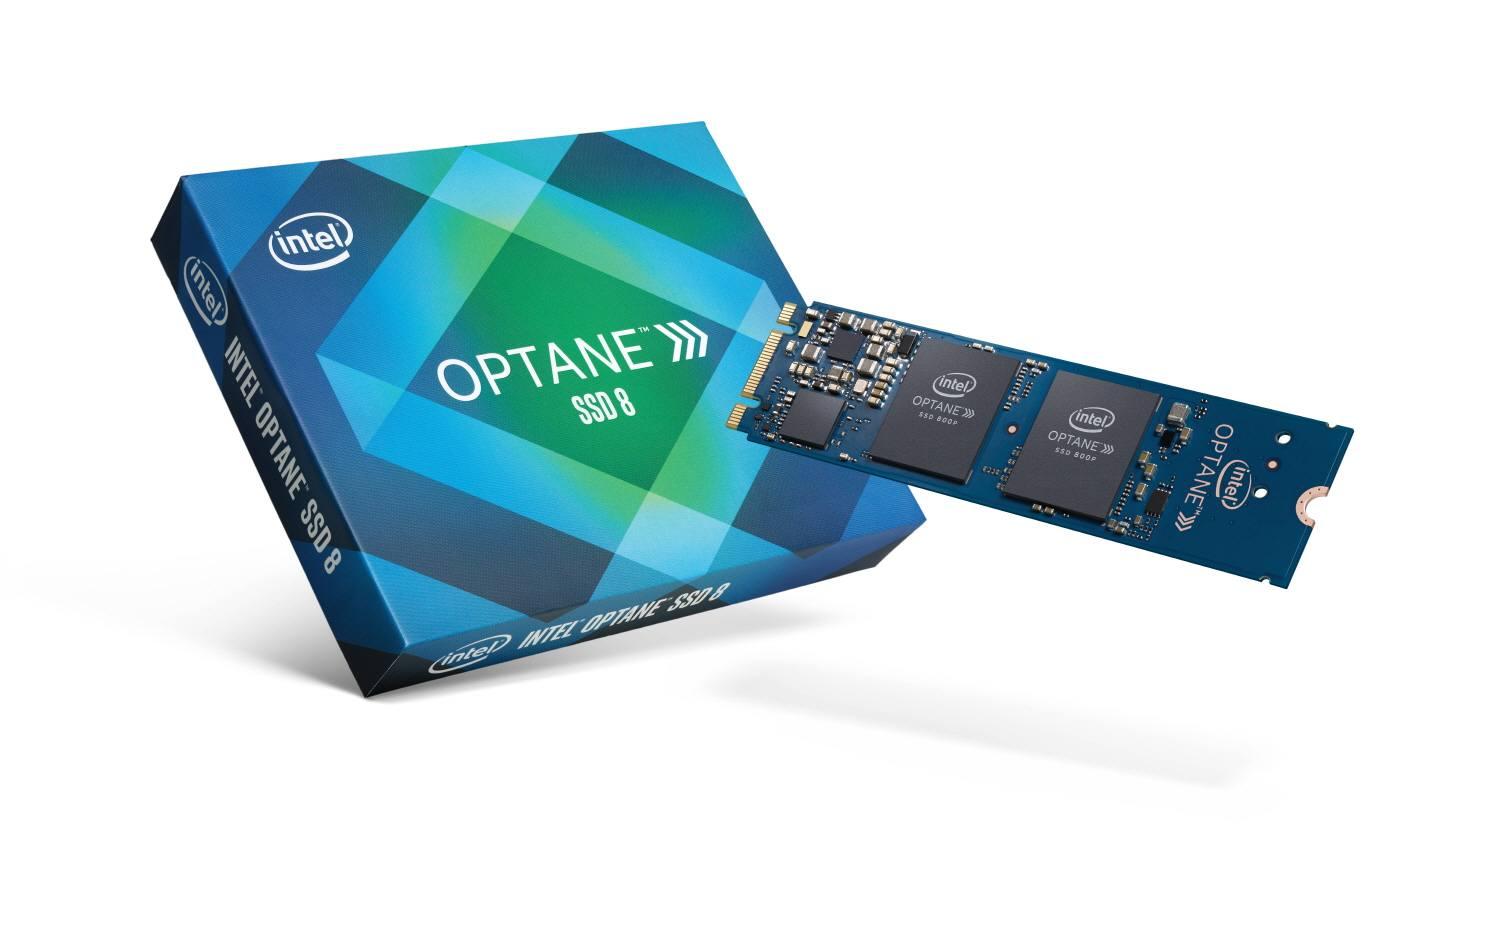 사진 2_인텔 옵테인 SSD 800P_02